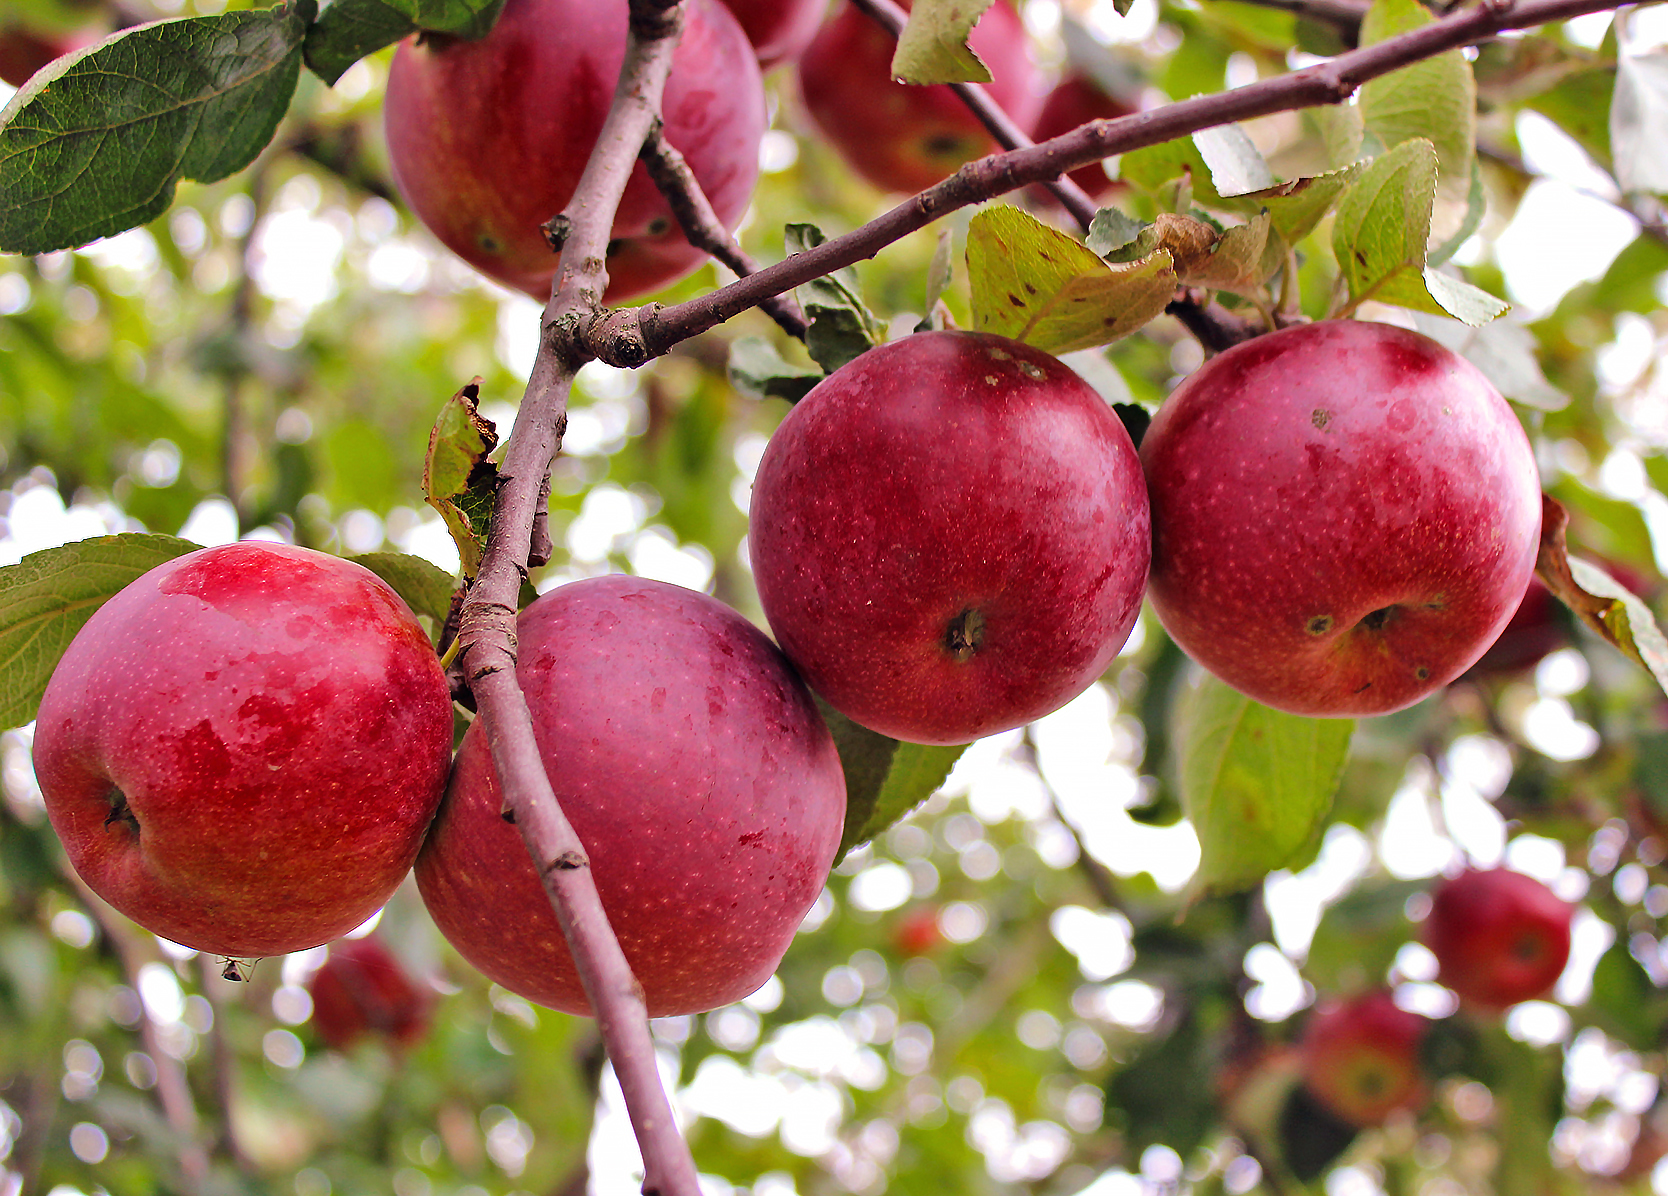 картинки сорта яблок джонатан подробное